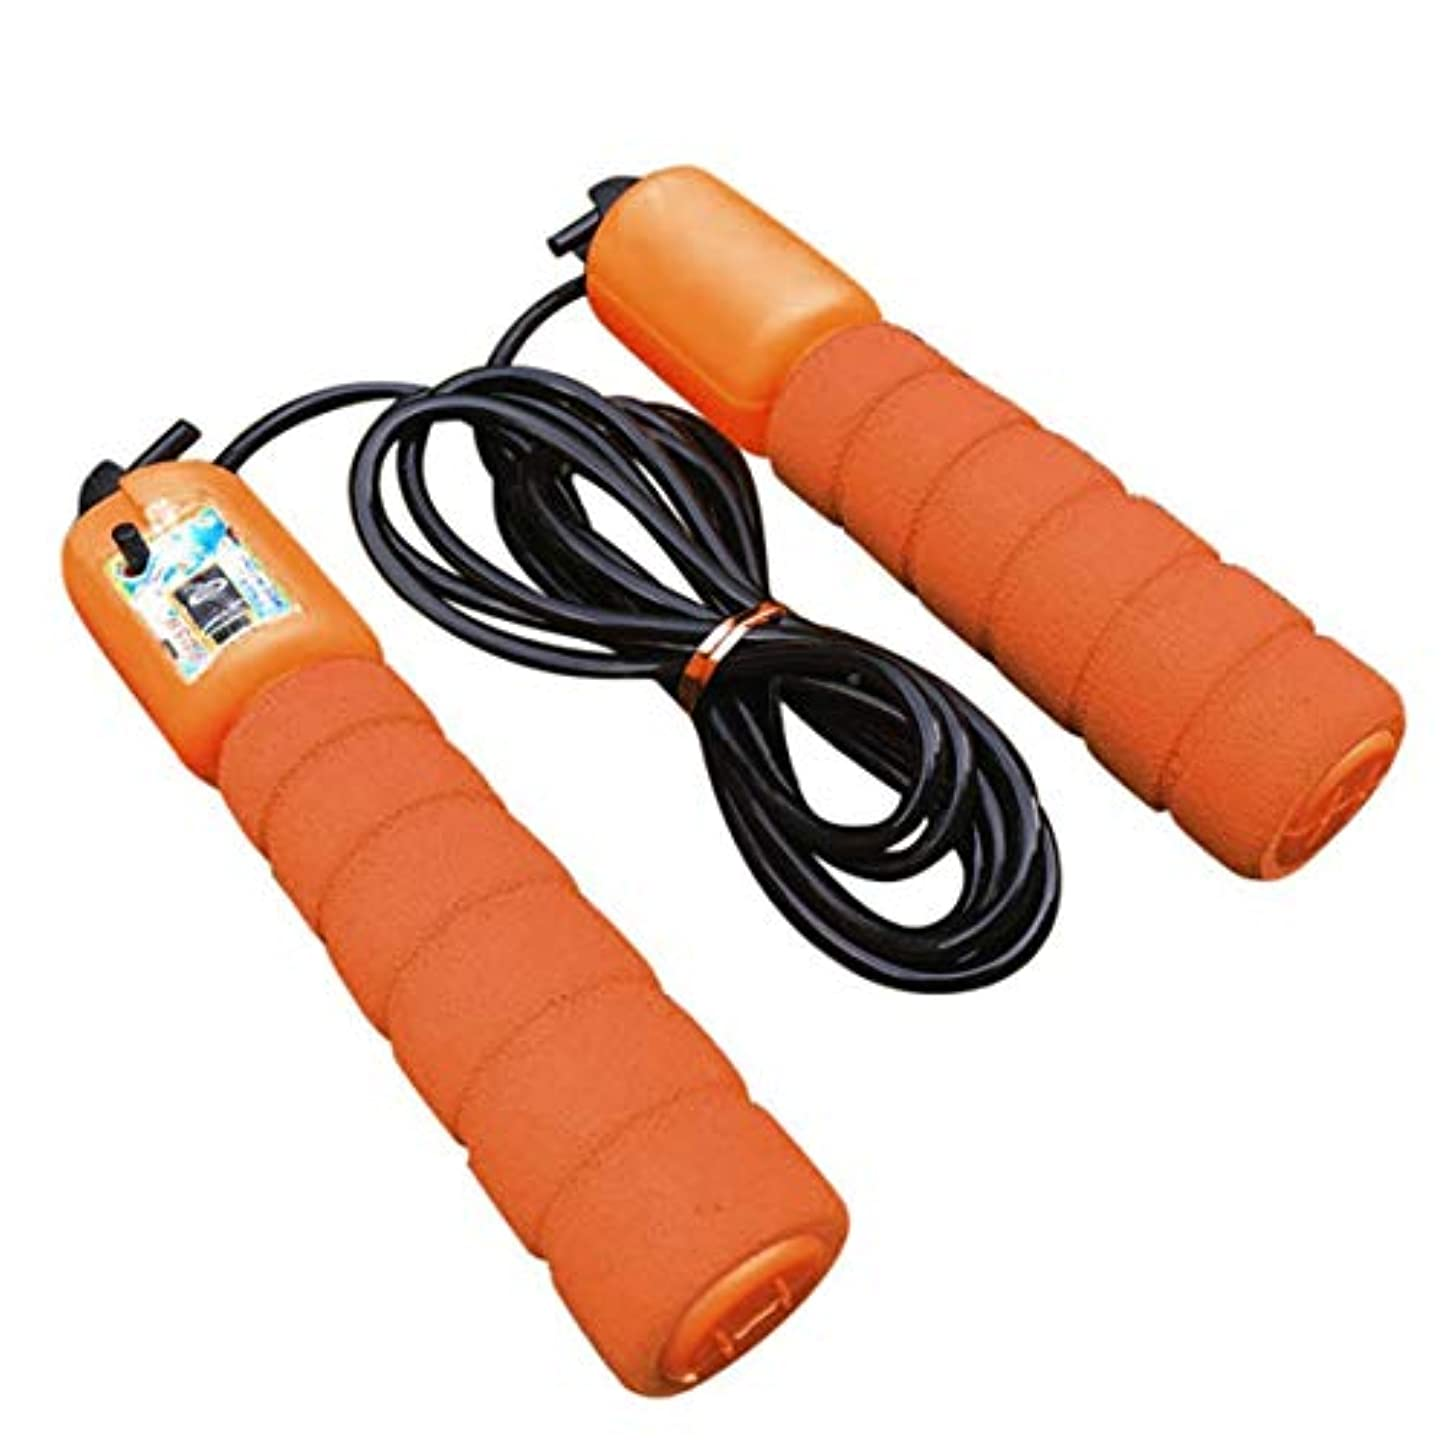 ショット達成アイザック調整可能なプロのカウント縄跳び自動カウントジャンプロープフィットネス運動高速カウントジャンプロープ - オレンジ